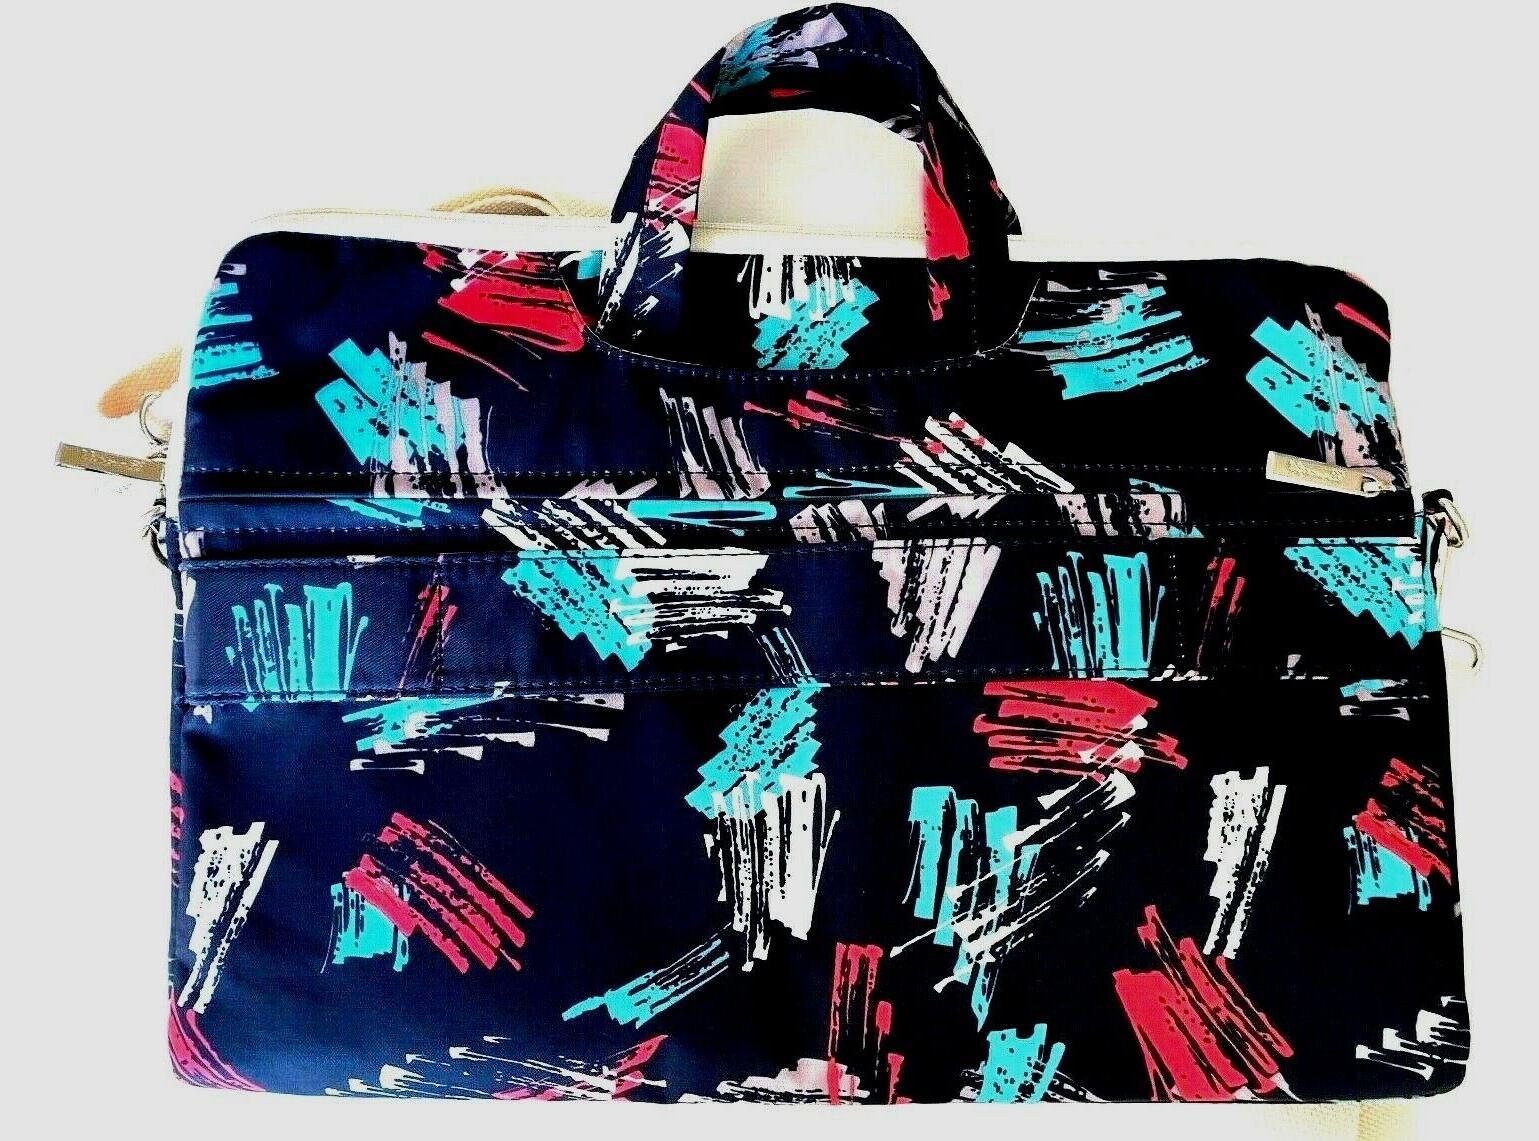 Canvaslife waterproof zip blue geometric 16x11